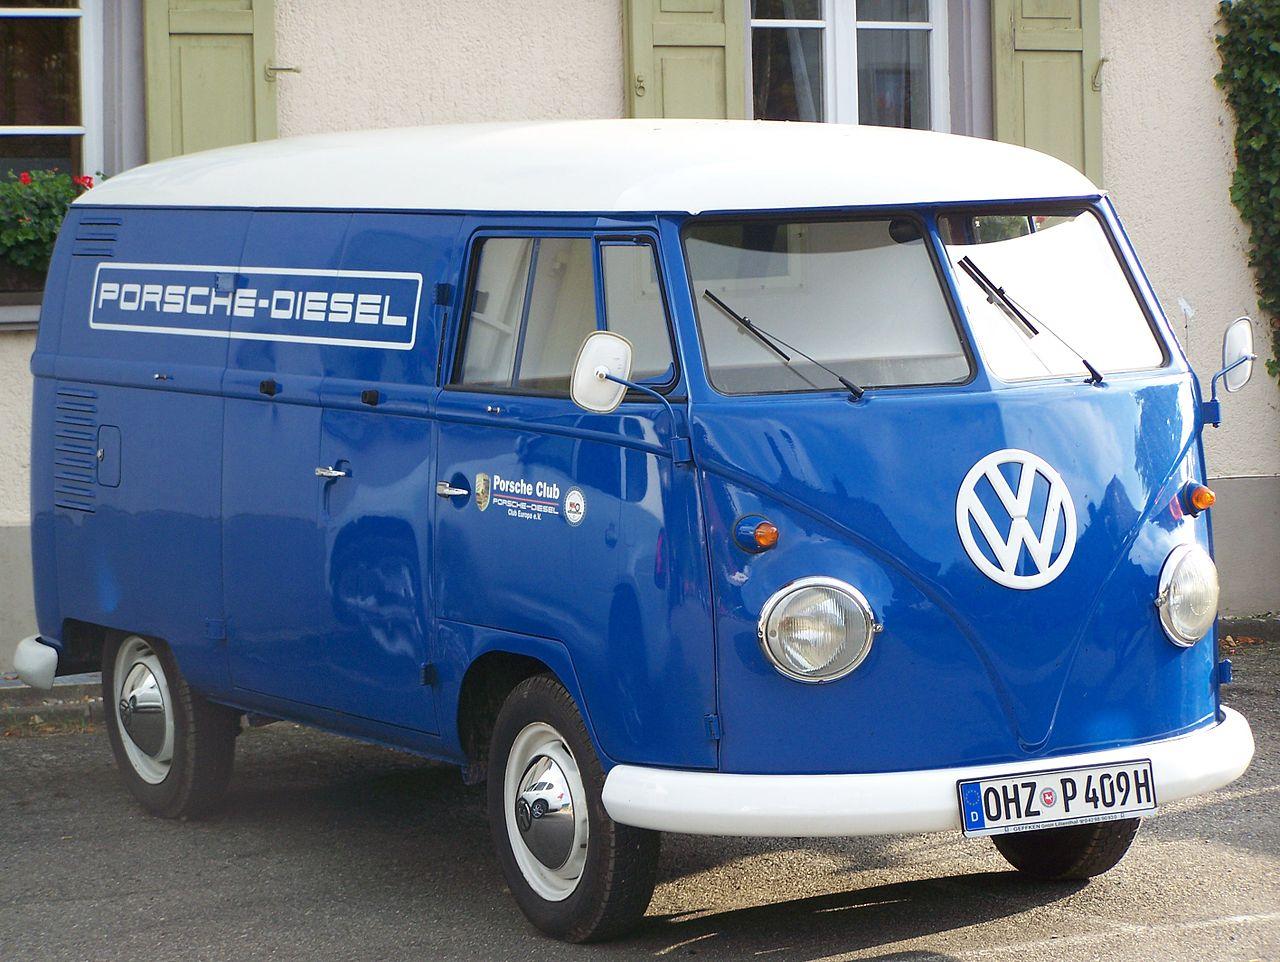 1280px-0385_Porsche_Diesel_Bus_blau